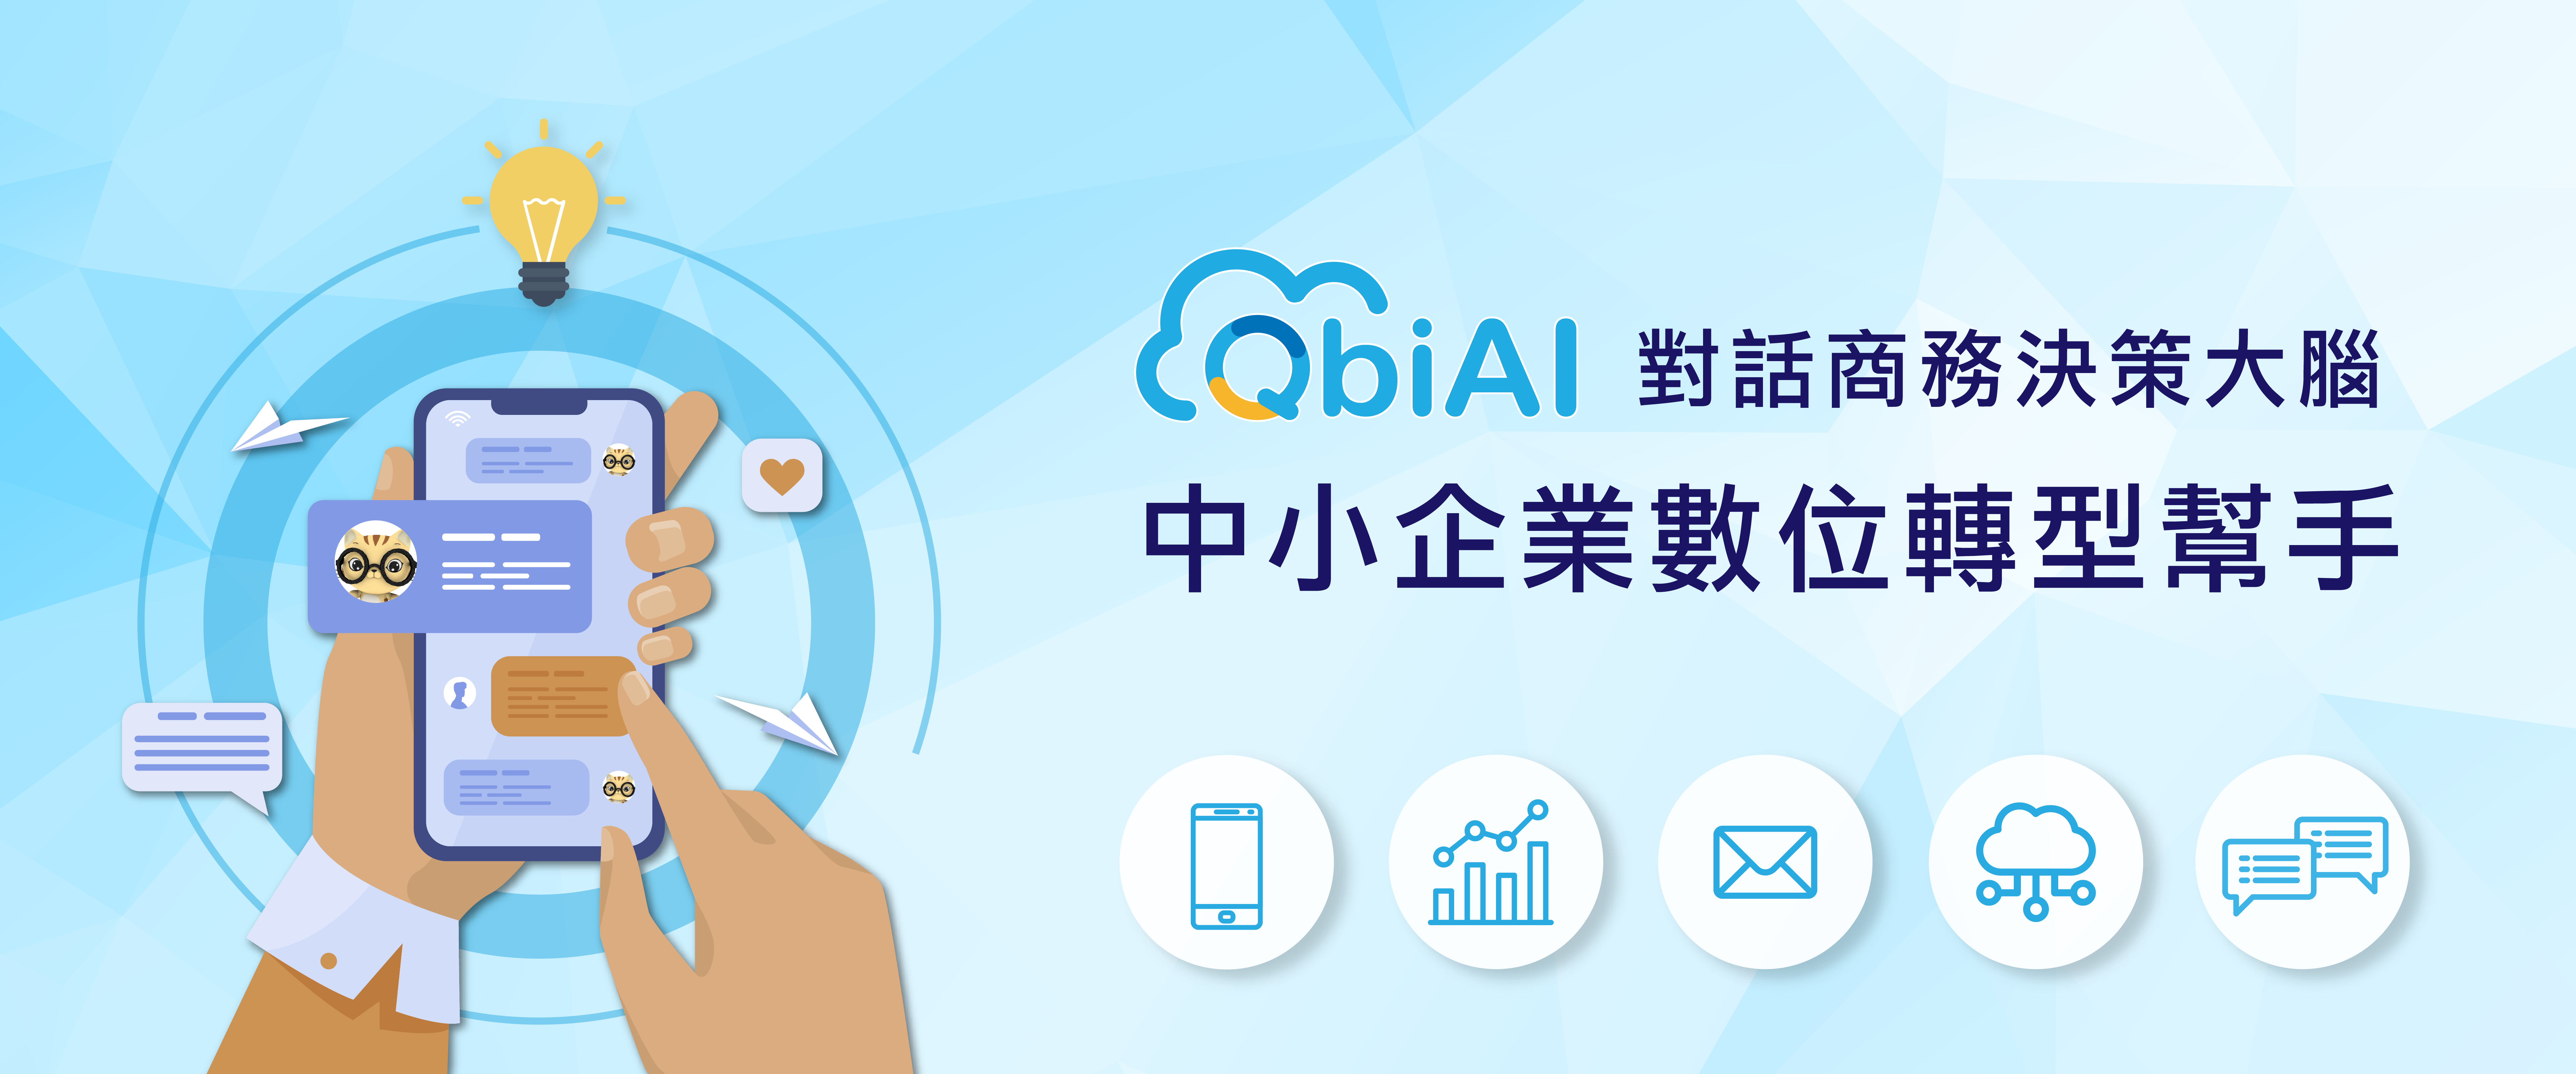 QbiAI對話商務決策大腦 中小企業數位轉型幫手